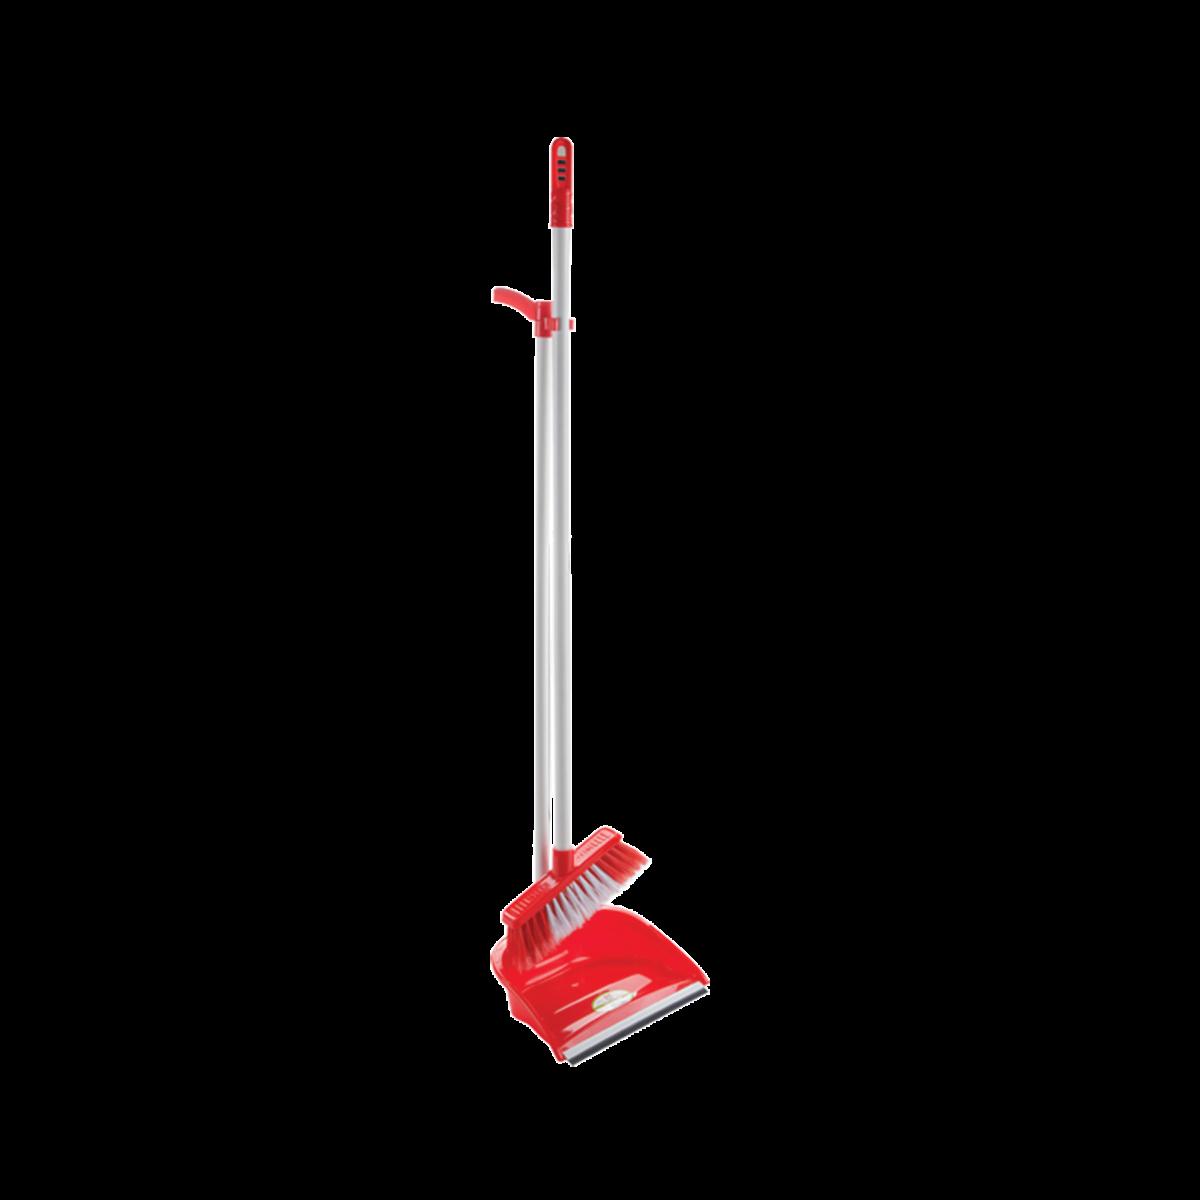 Комплект для приб. совок+щітка, червоний (AF201)- Фото - Biosphere